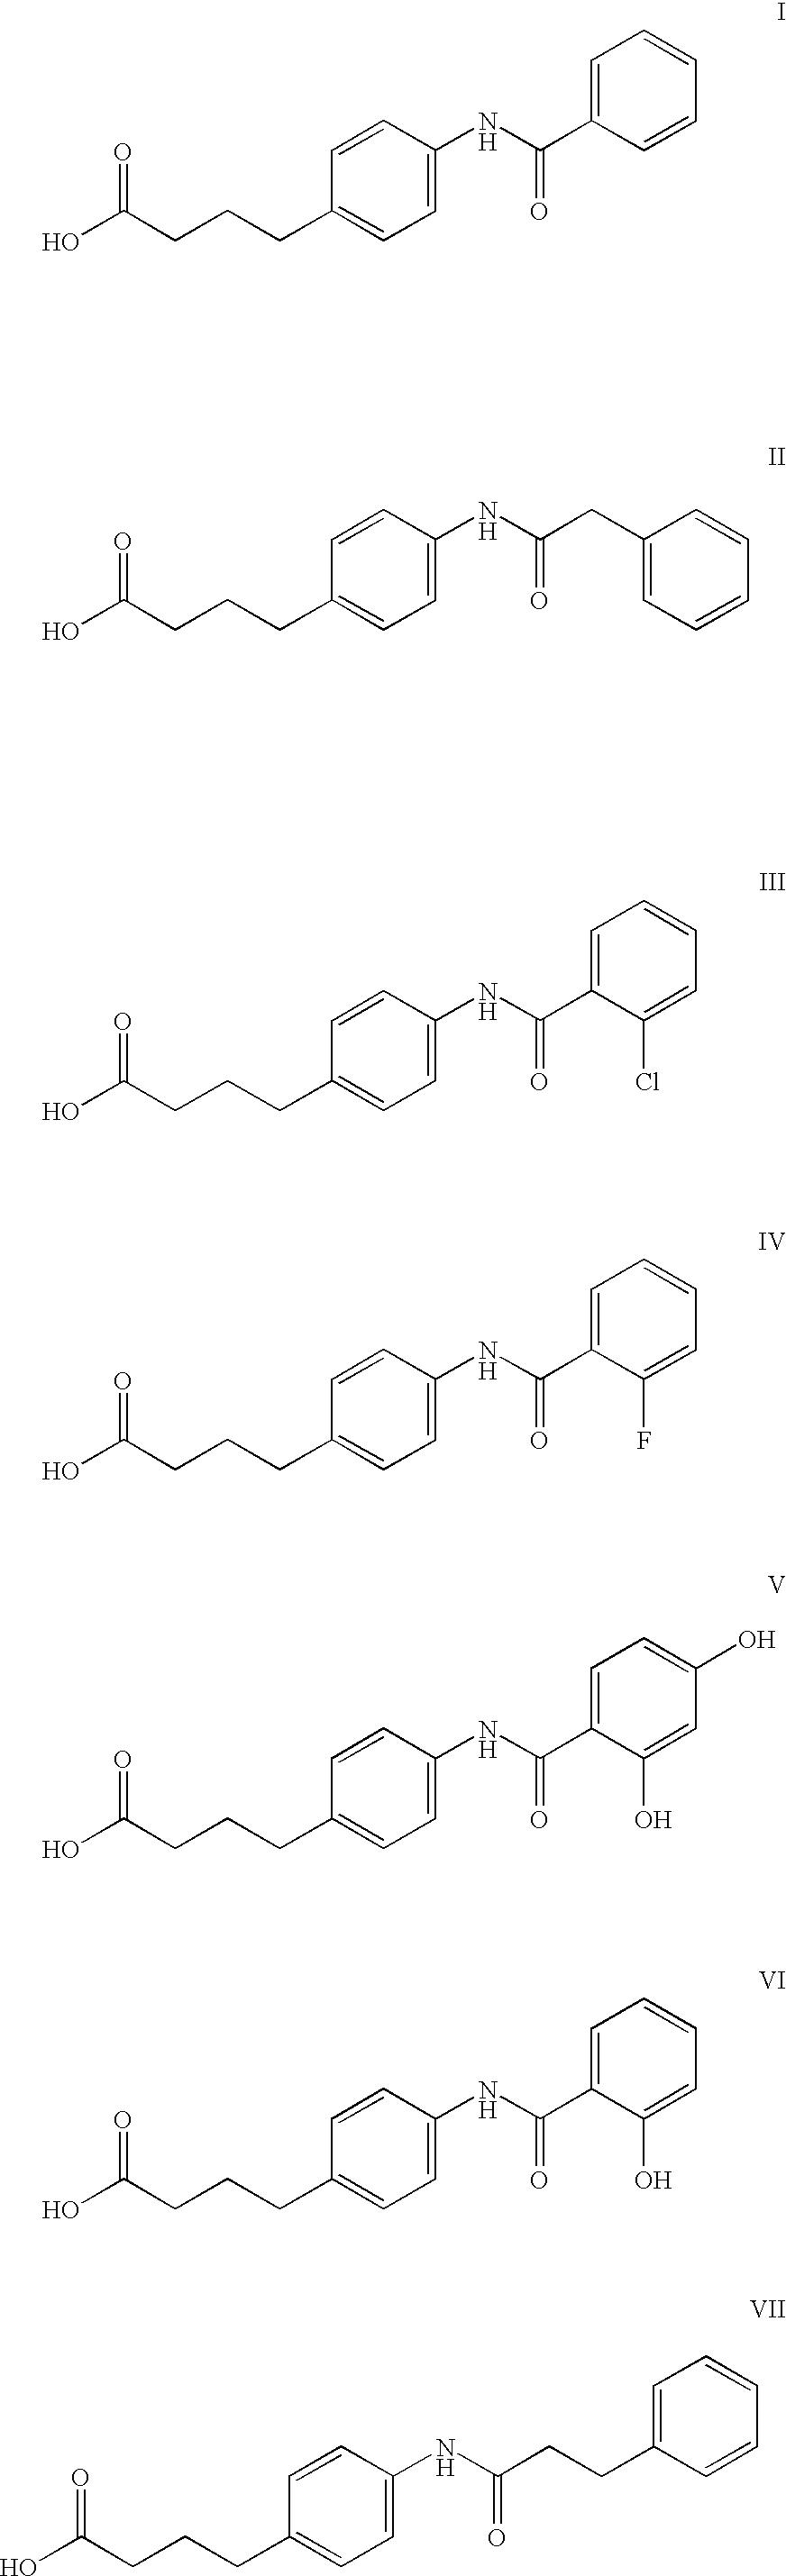 Figure US06663887-20031216-C00001